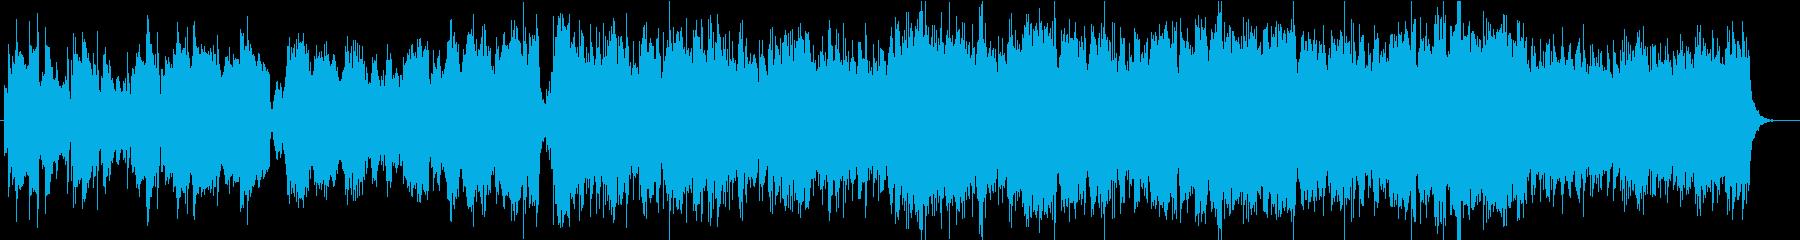 美しいフルート感動壮大オーケストラBGMの再生済みの波形